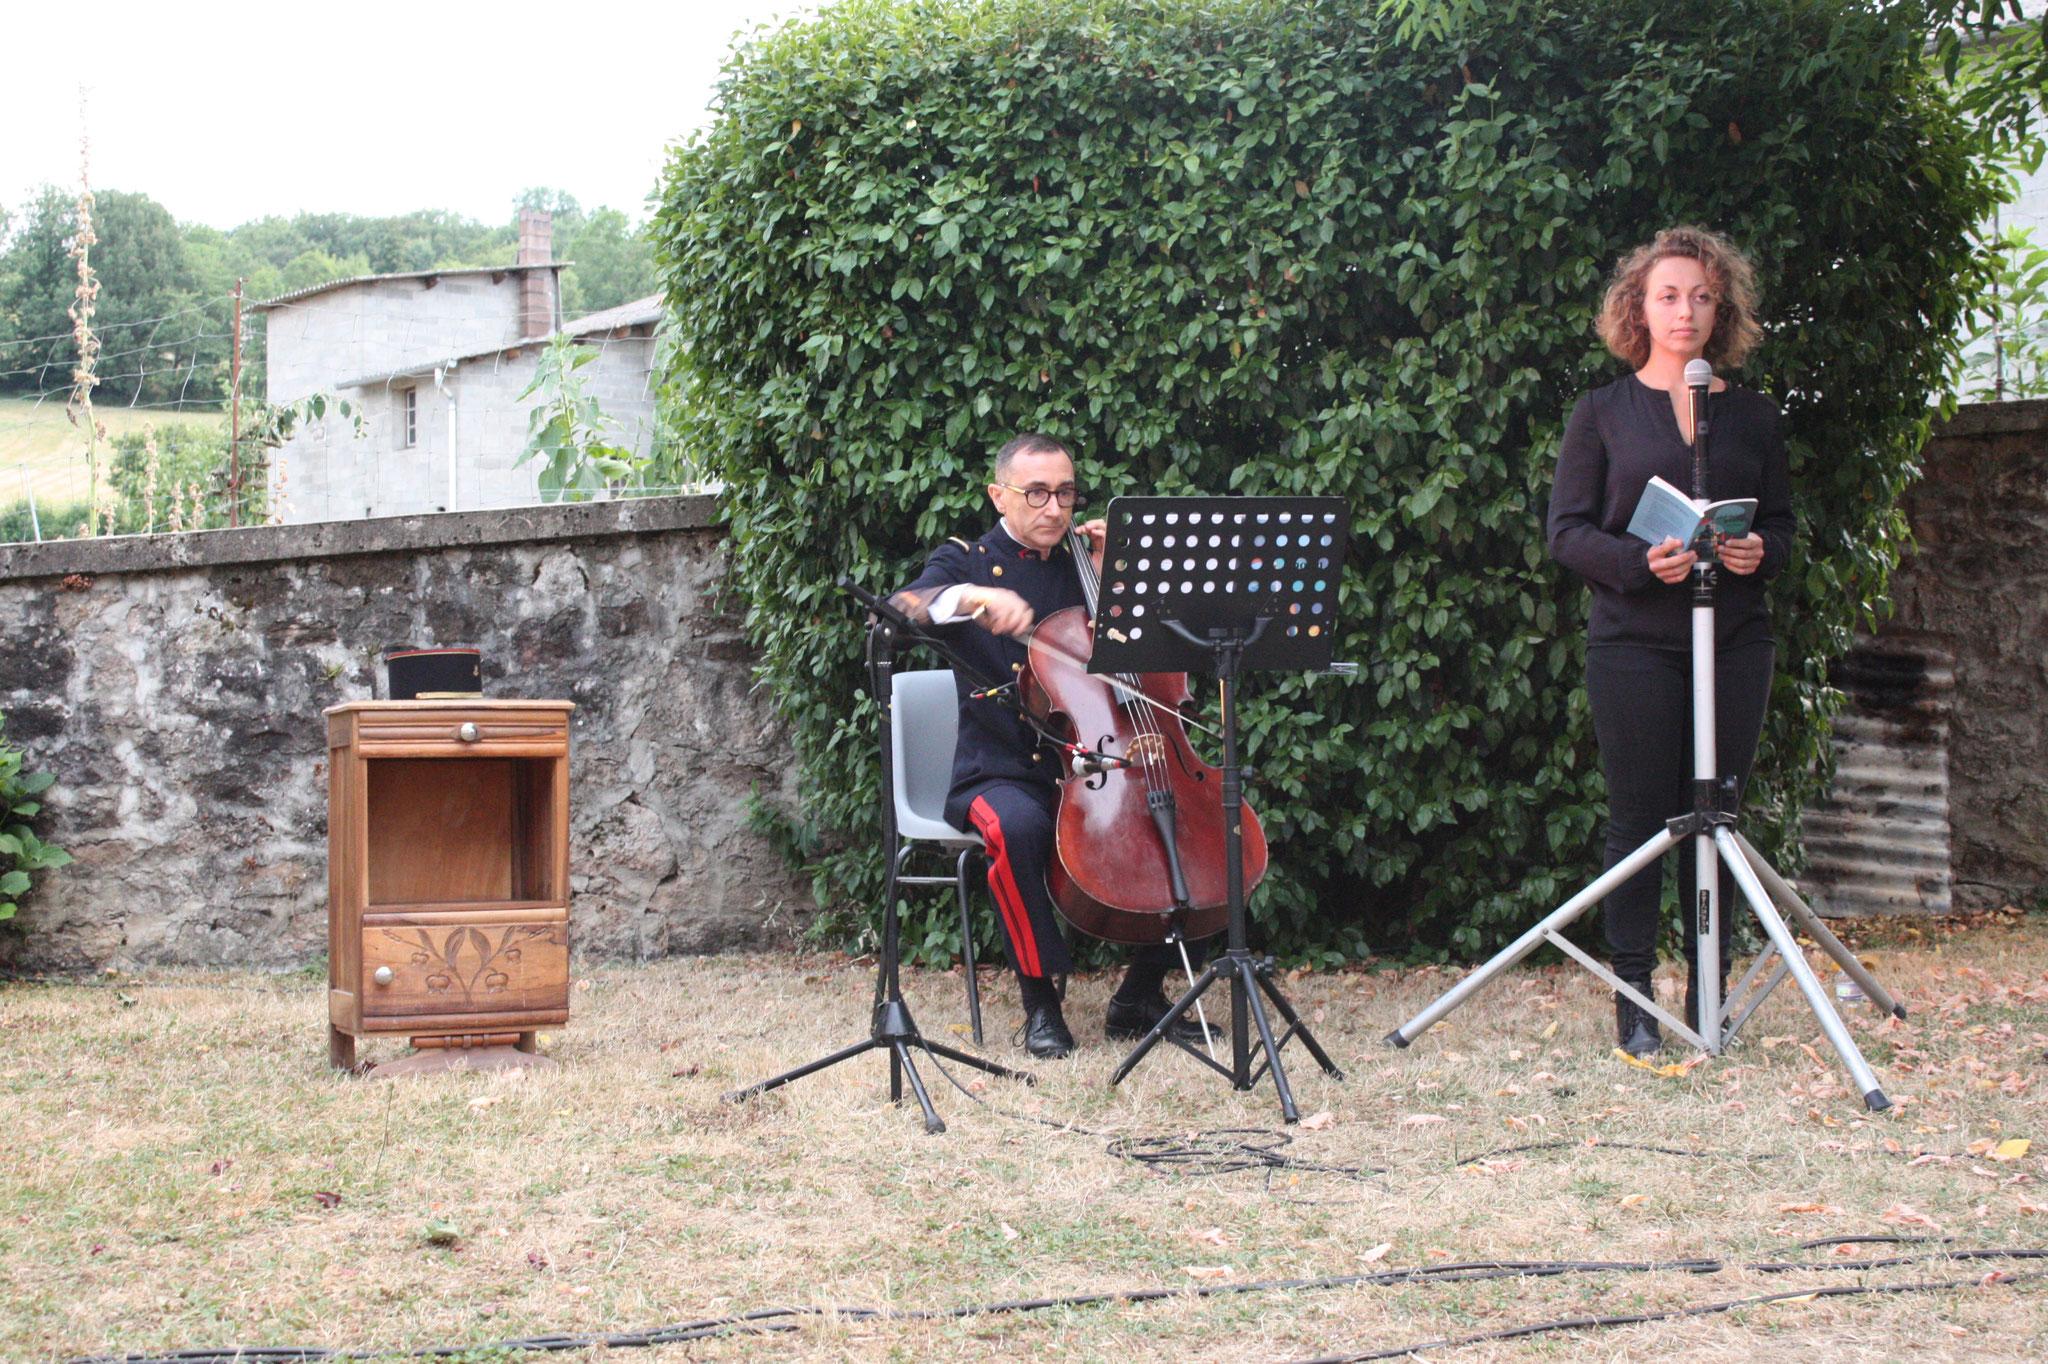 """Jeu. 9 août 2018 : conte musical """"le violoncelle poilu"""""""